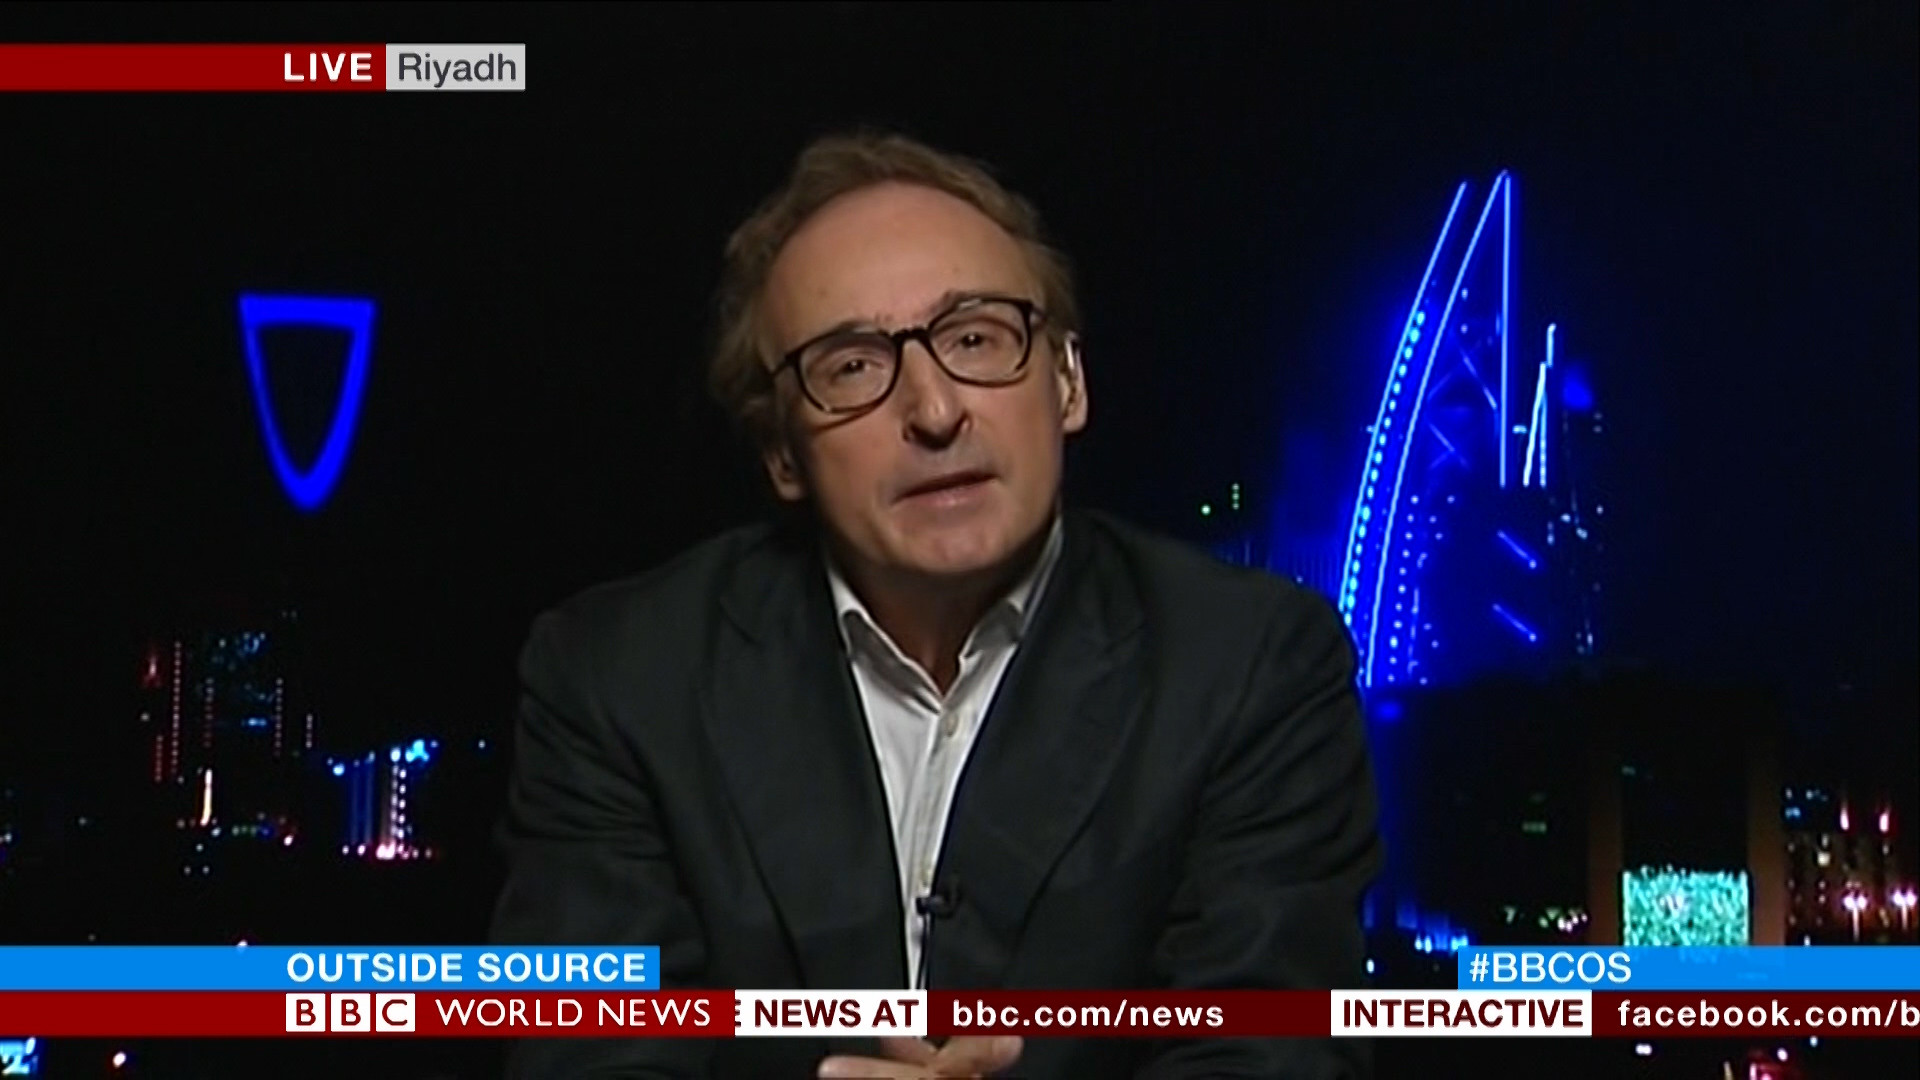 riyadh_bbc_guest.jpg